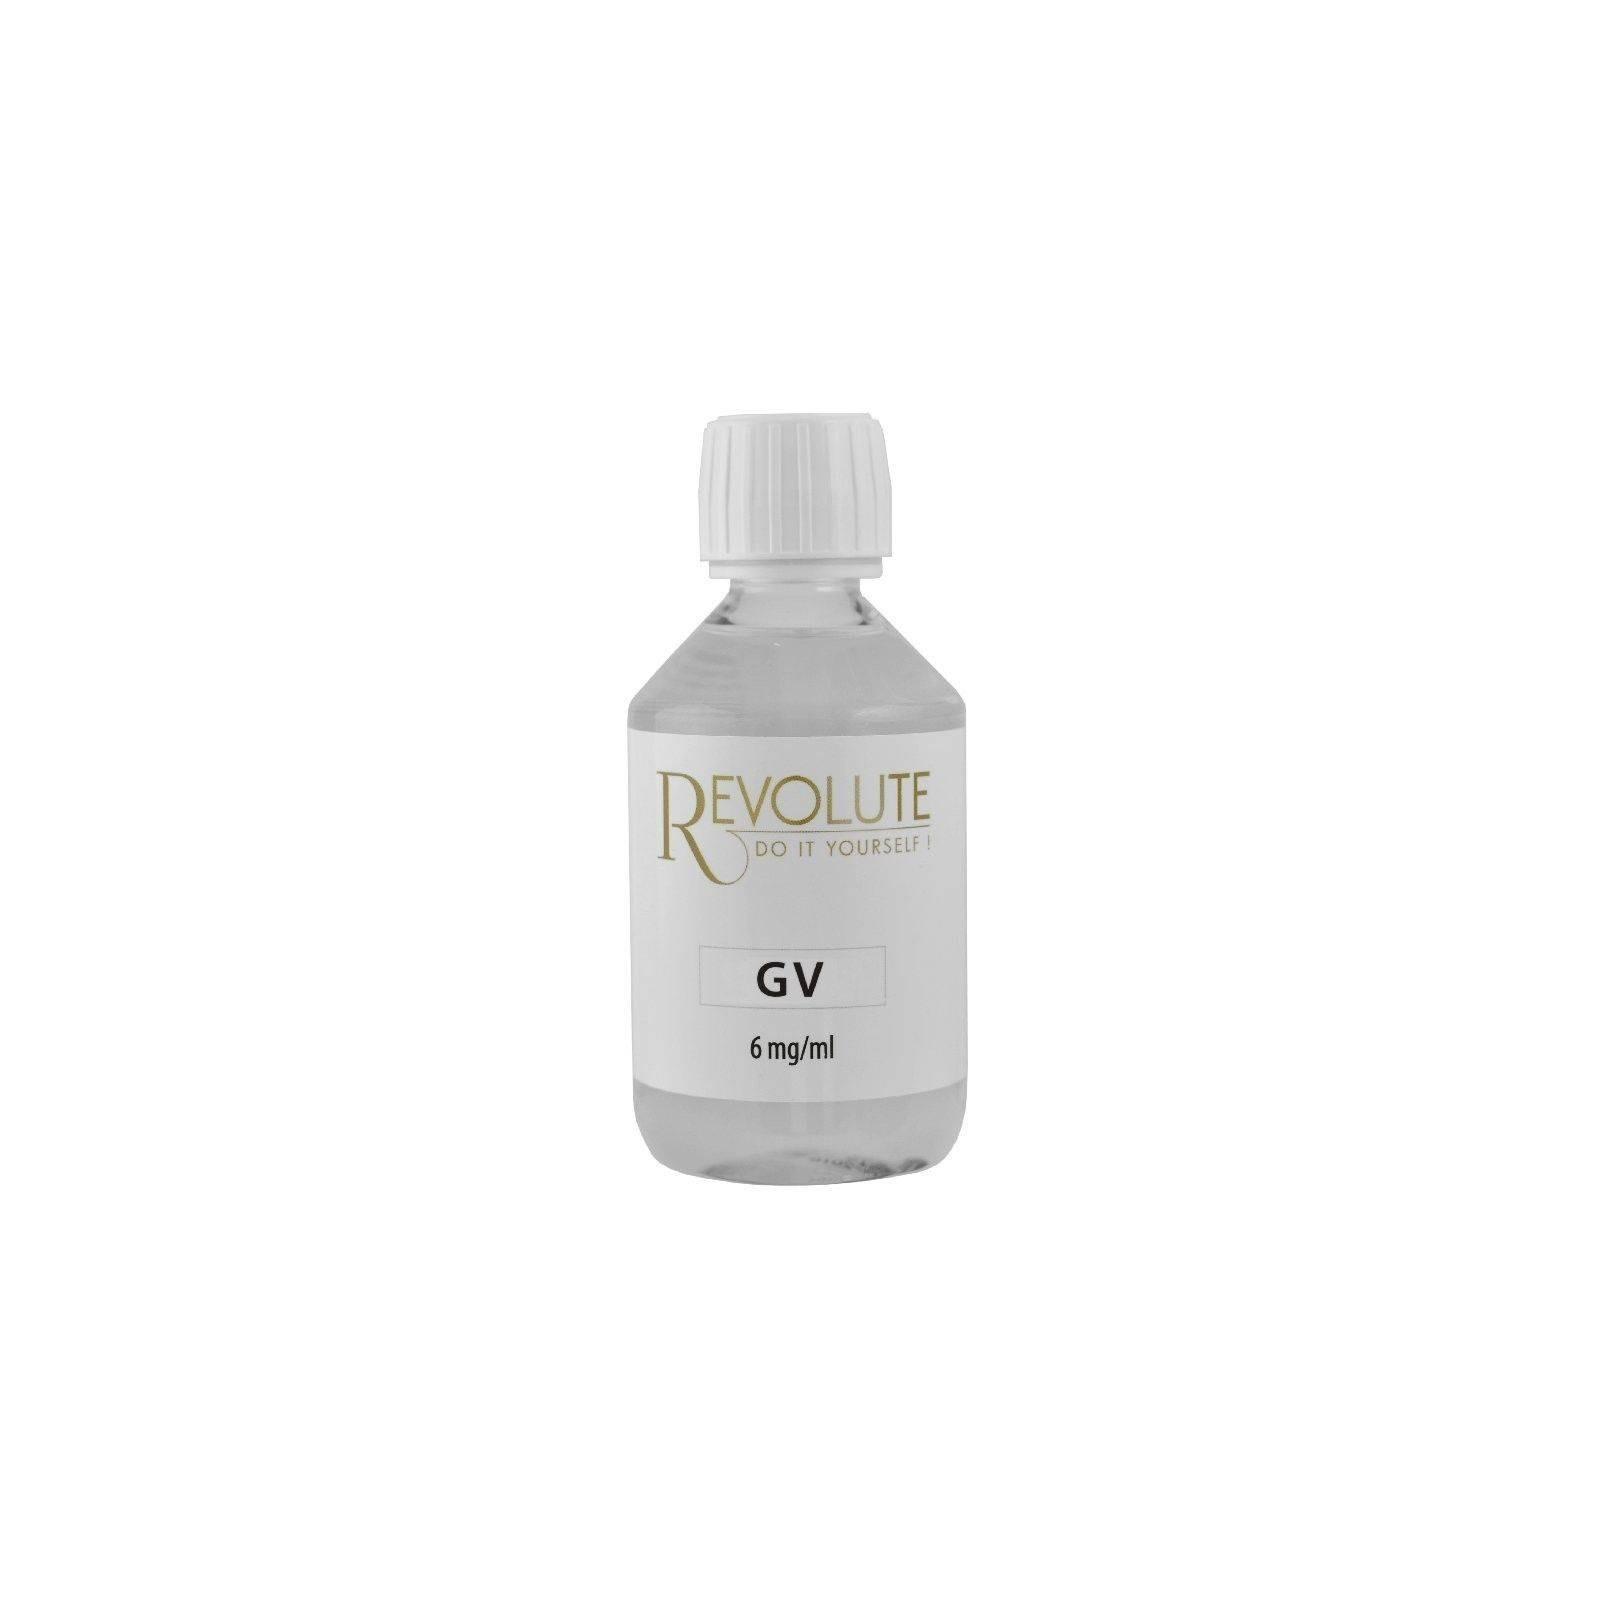 Base 100% VG 275ml Revolute - Revolute